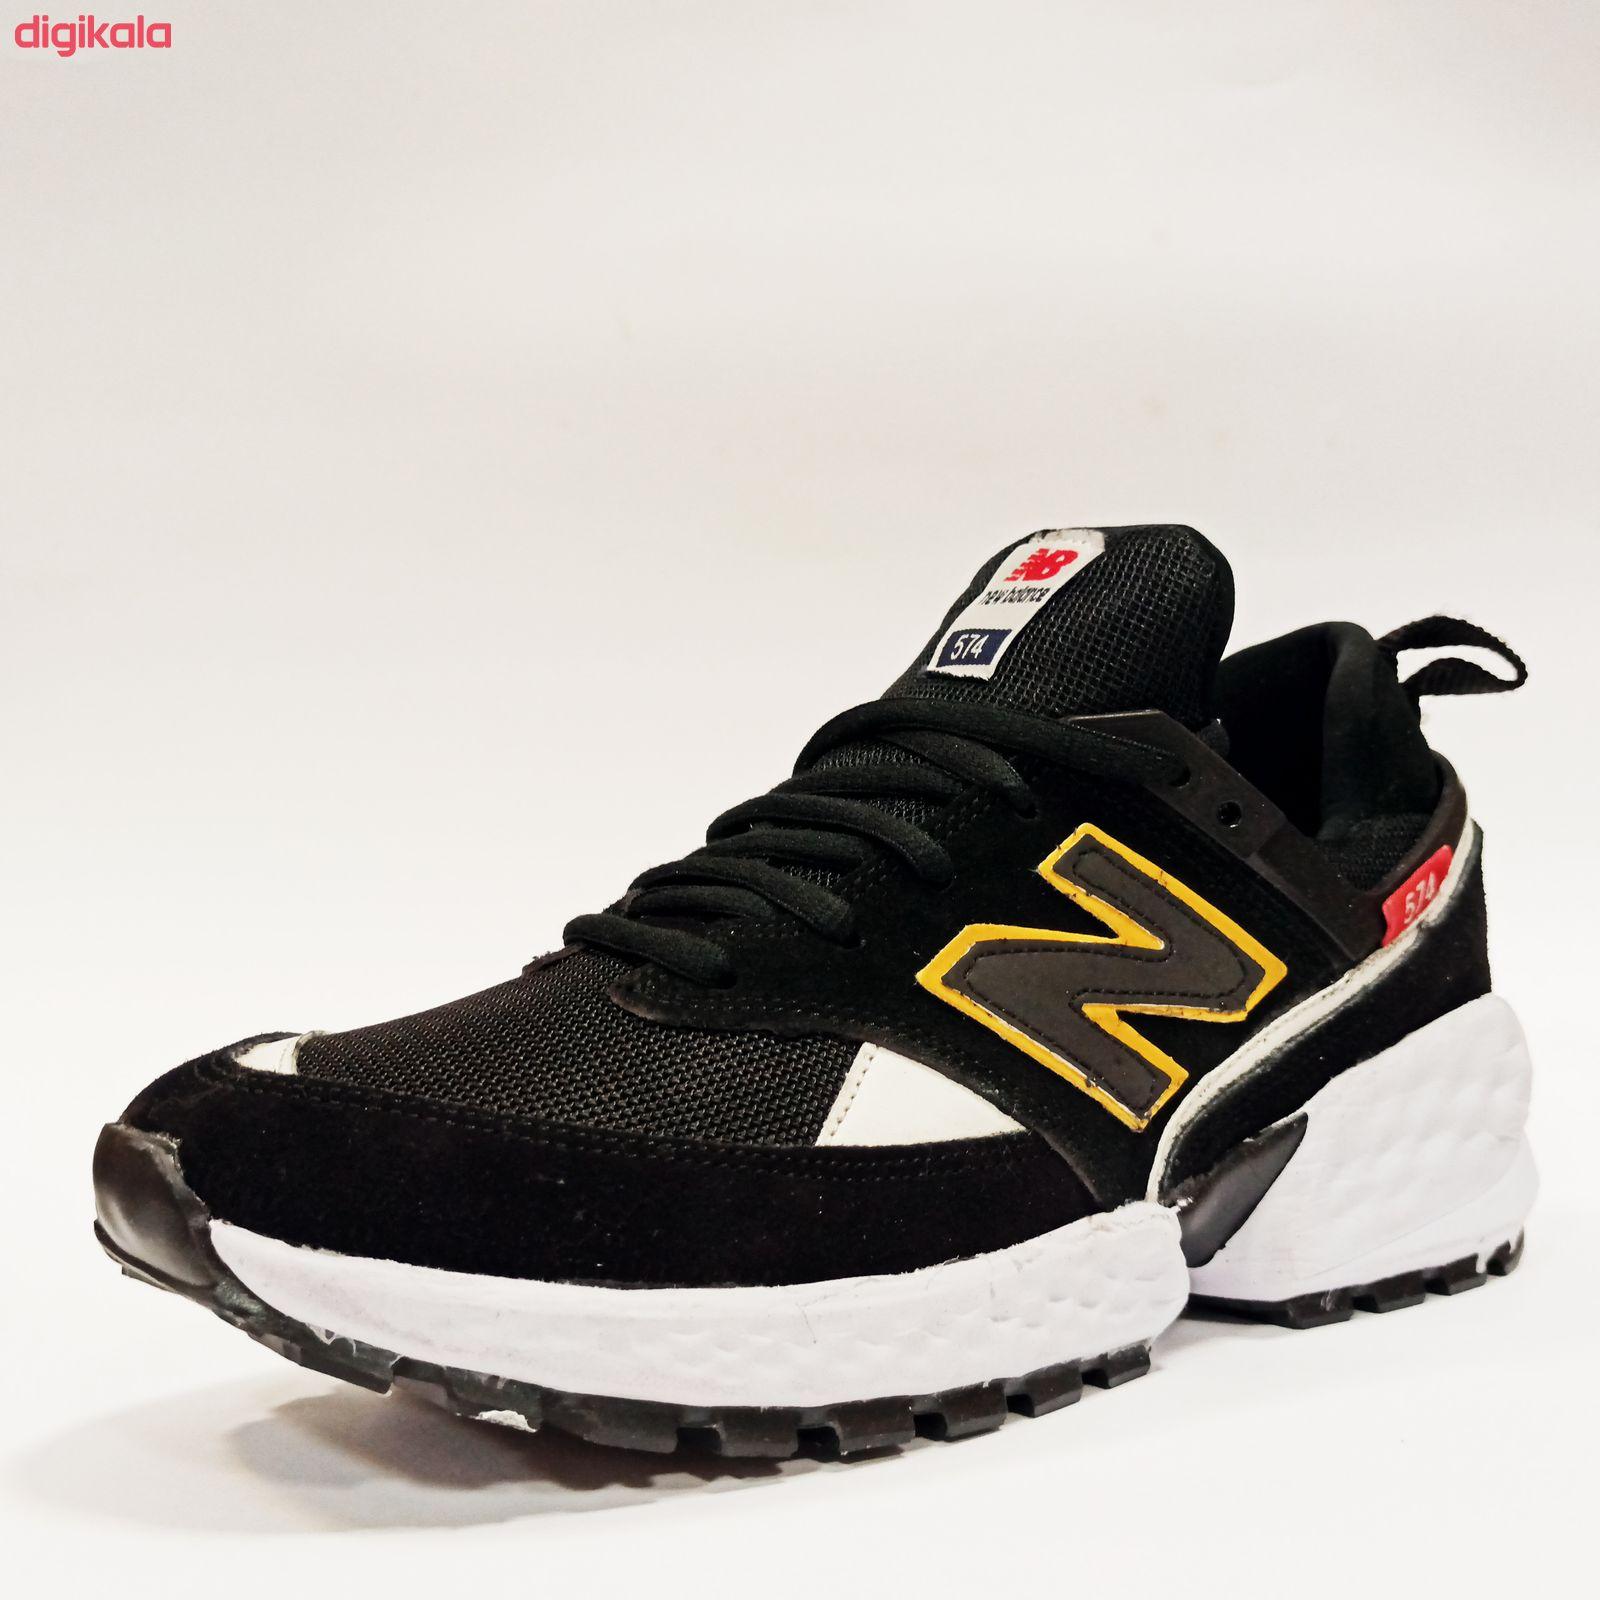 کفش پیاده روی مردانه مدل N49 main 1 3